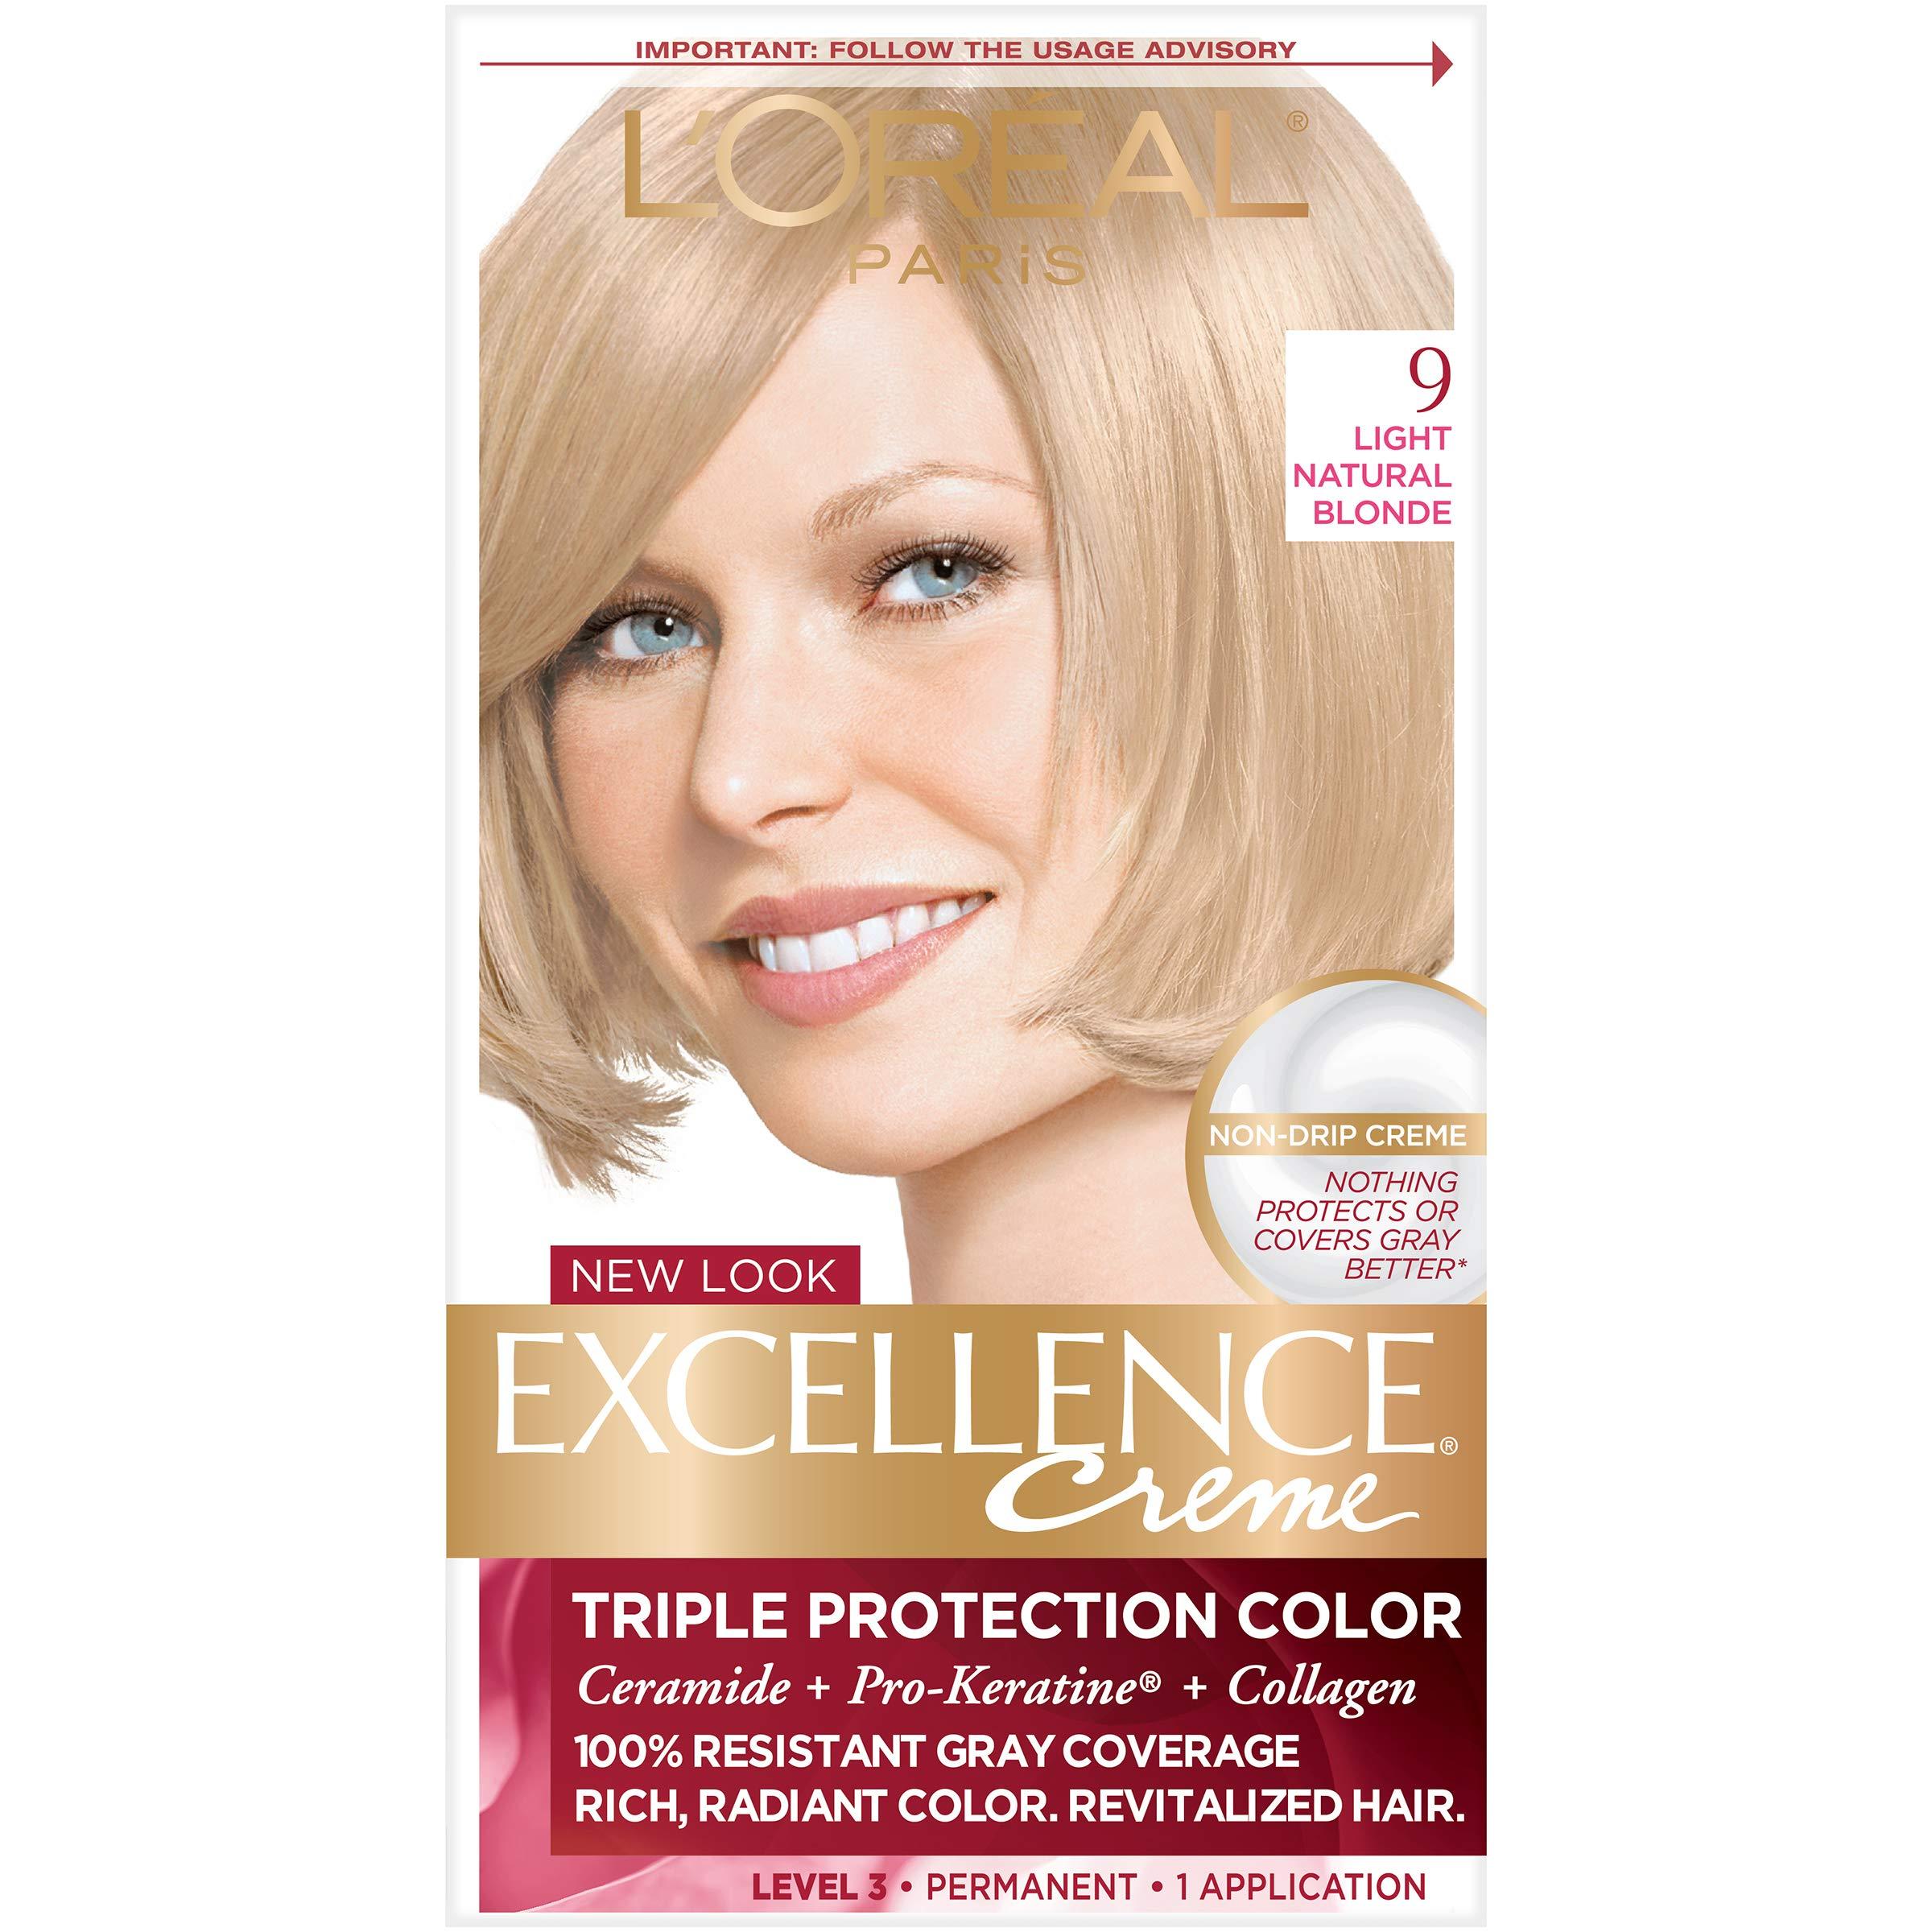 Amazon Loral Paris Excellence Crme Permanent Hair Color